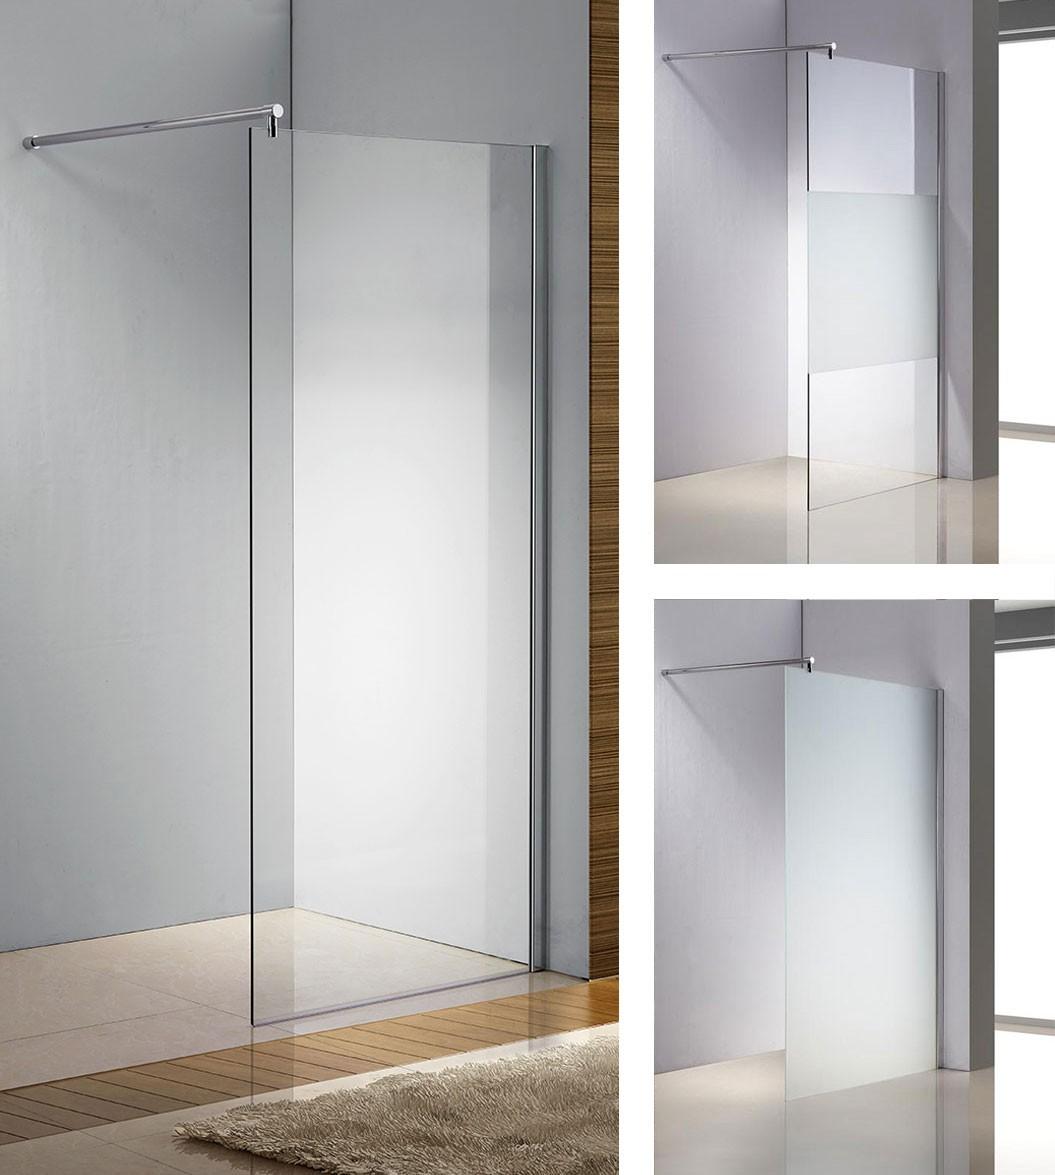 Duschabtrennung Rund  Badezimmer  Wohn  Esszimmer Bad  Bro I CLP